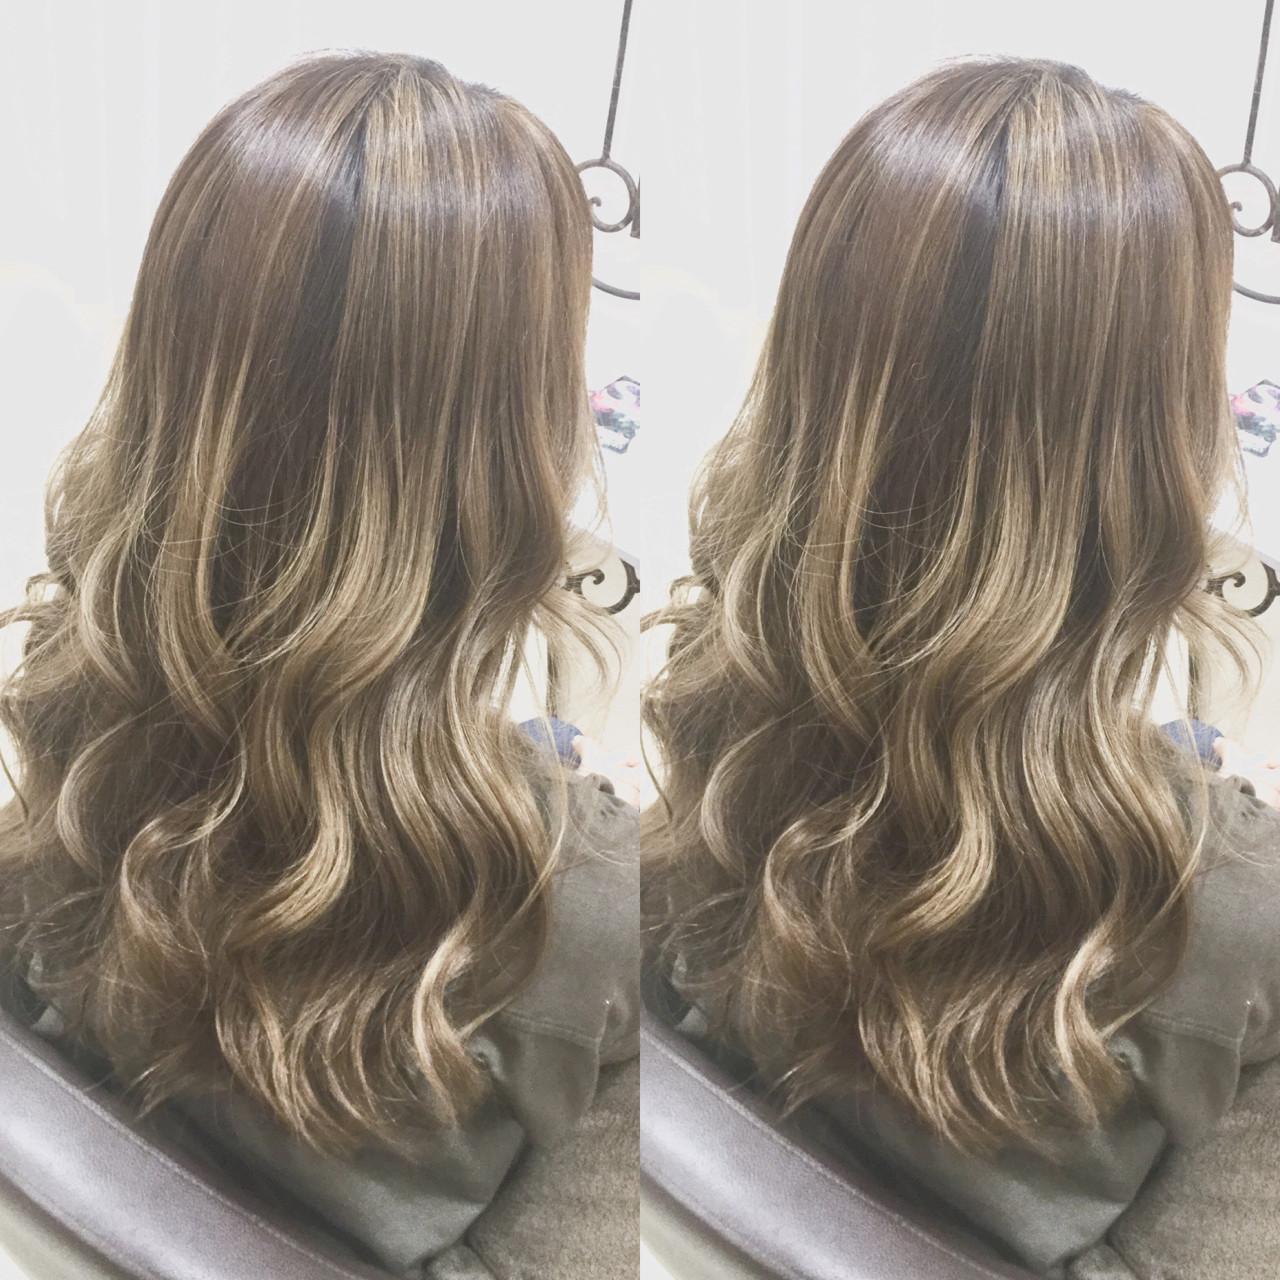 グラデーションカラー 外国人風カラー ハイライト ロング ヘアスタイルや髪型の写真・画像